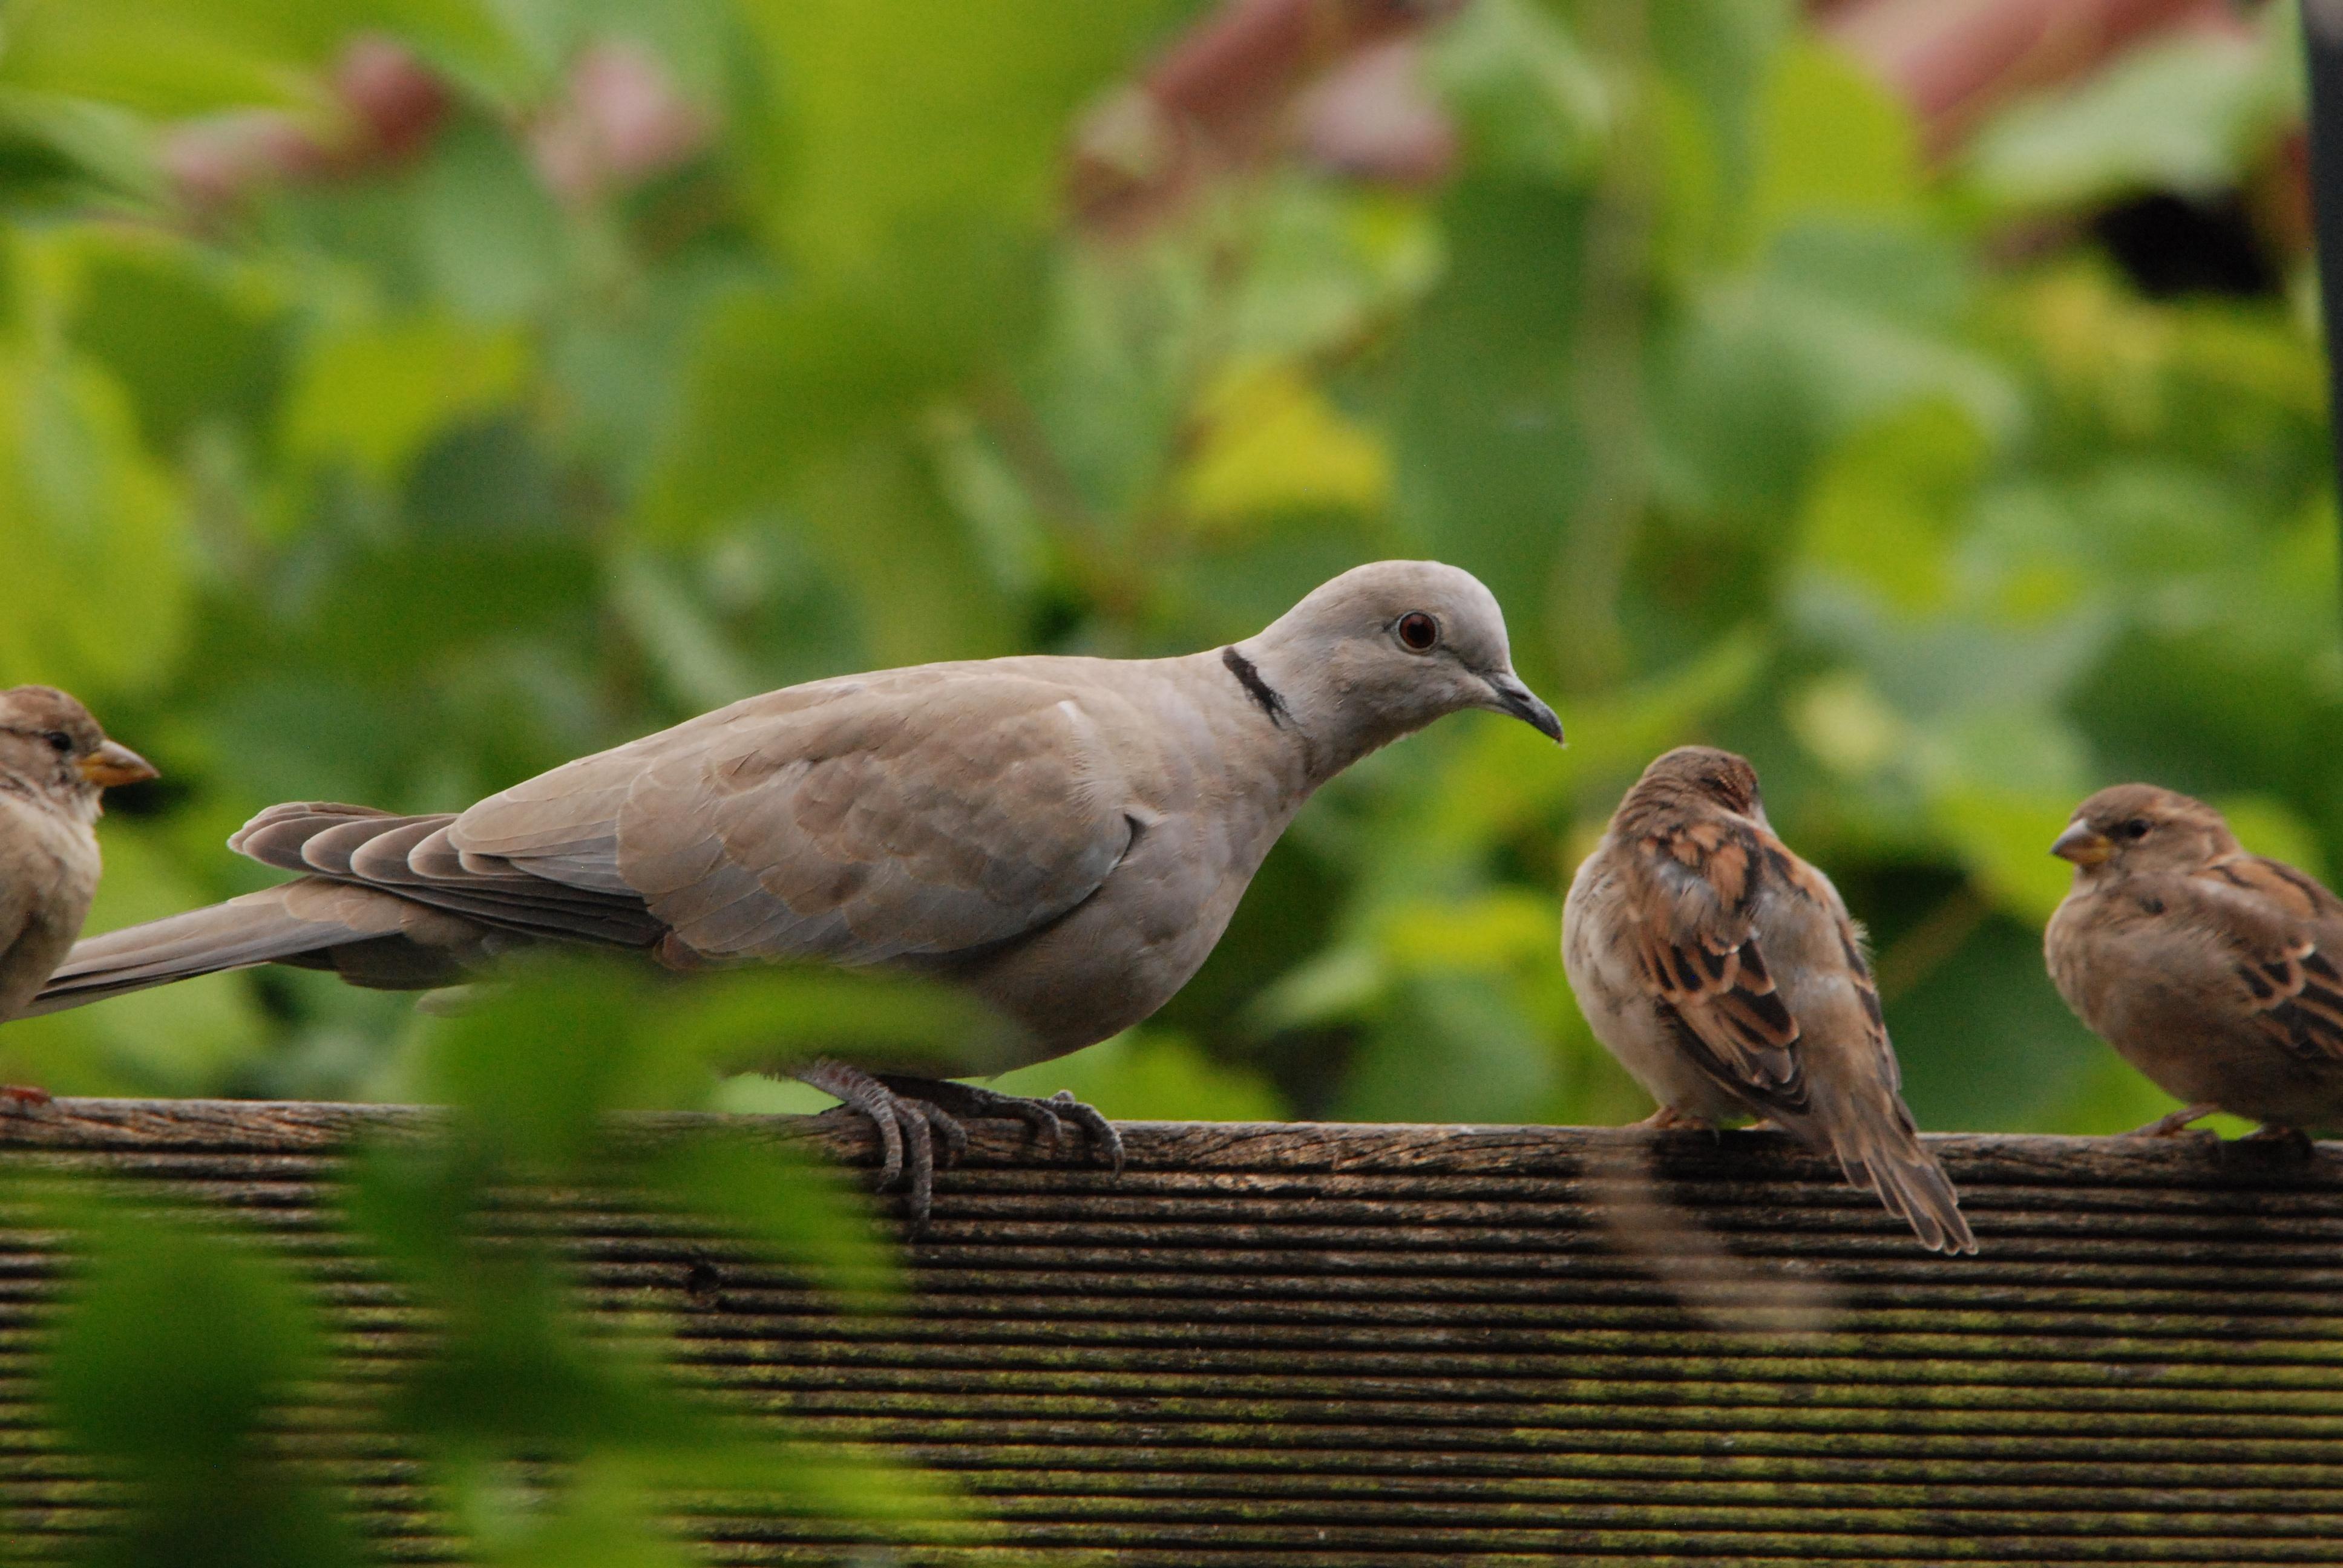 Сравни передвижение воробья и голубя